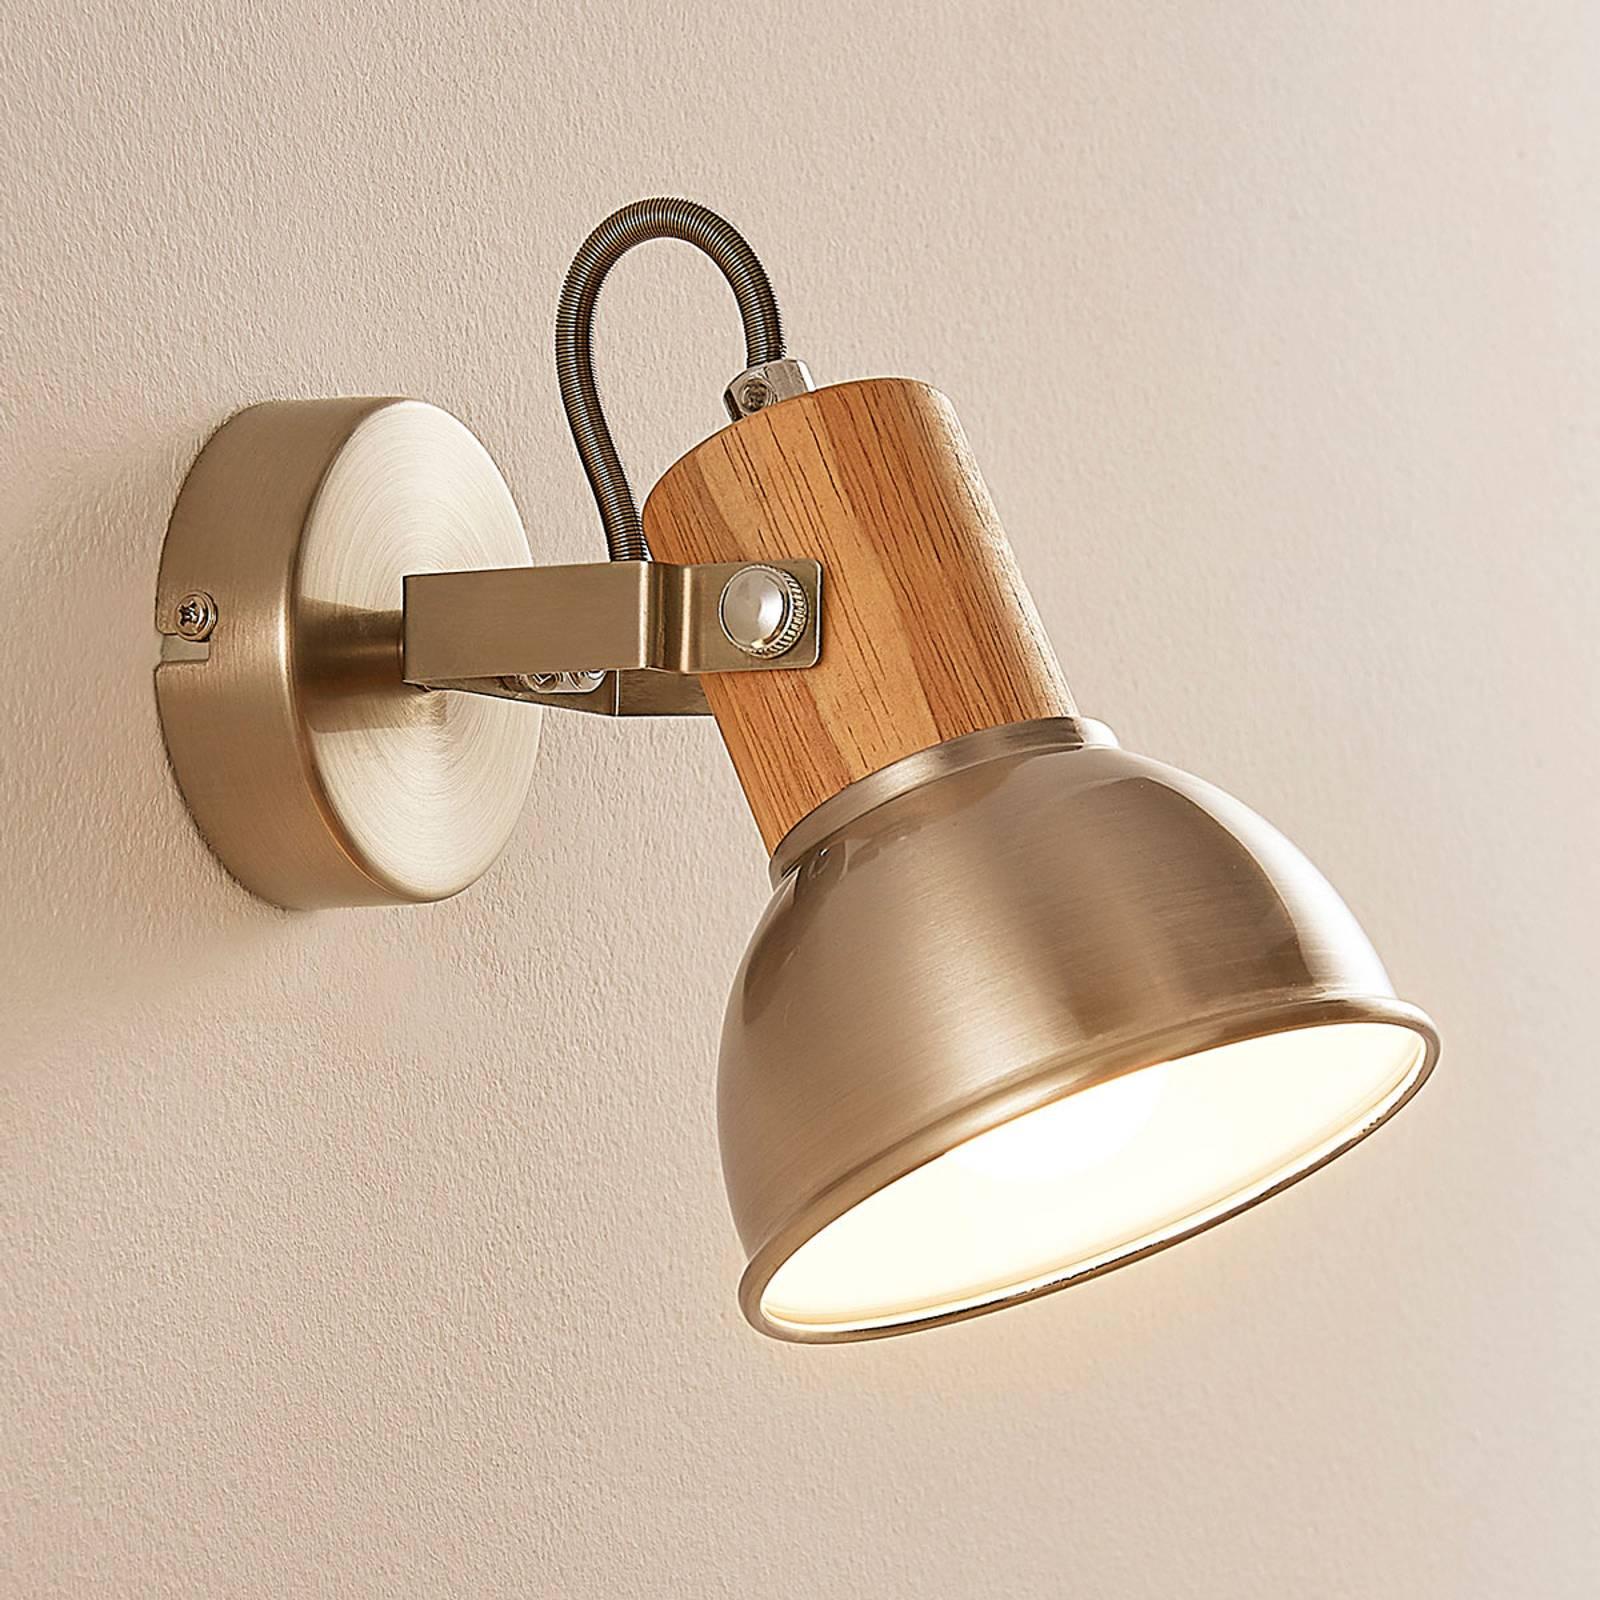 LED-seinä- ja -kattospotti Dennis, puukoristeita